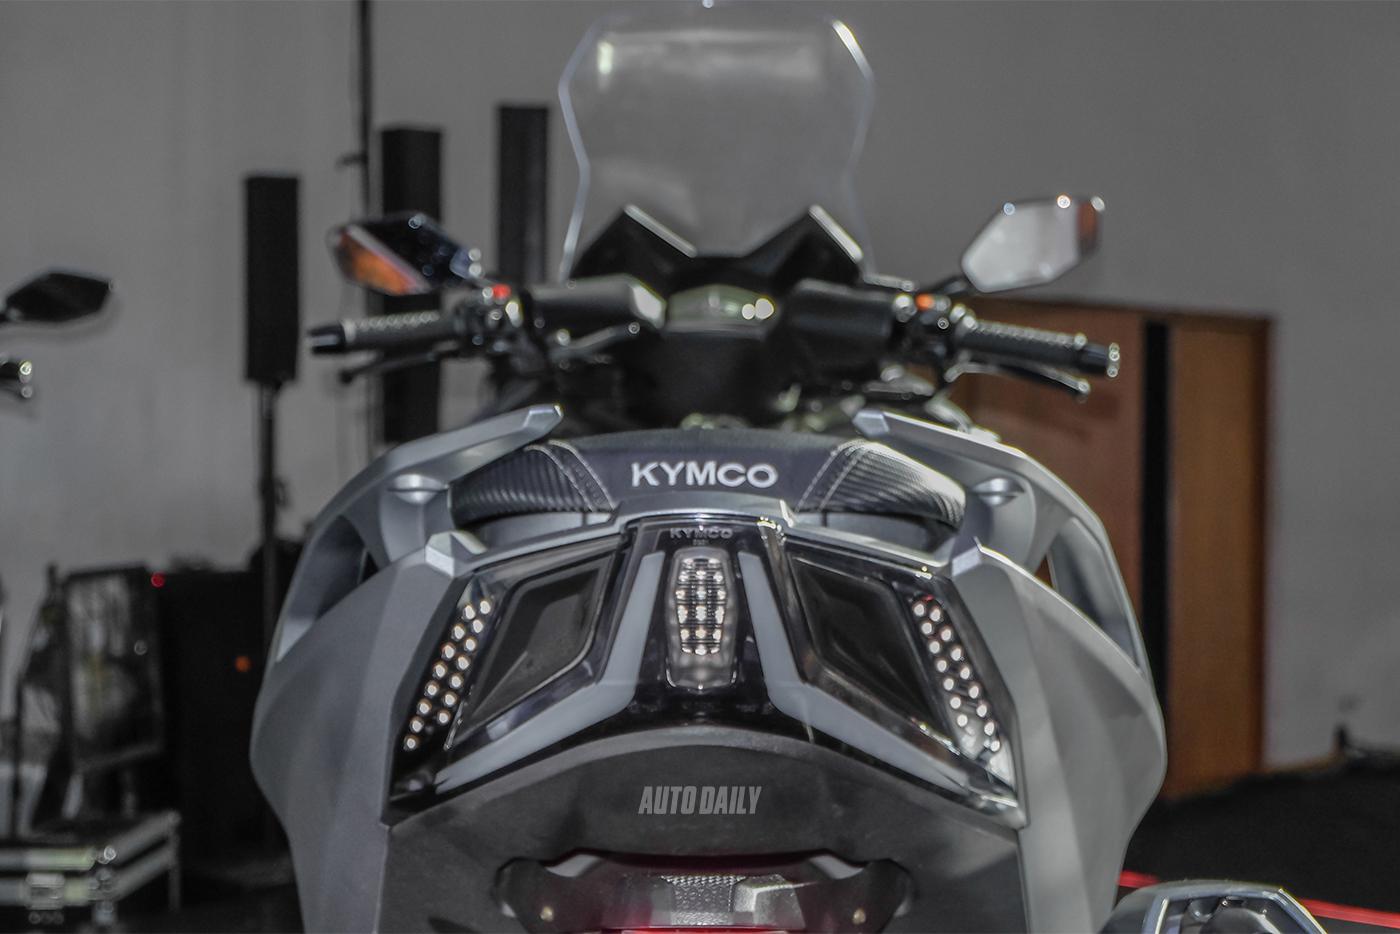 kymco-ak550-15.jpg